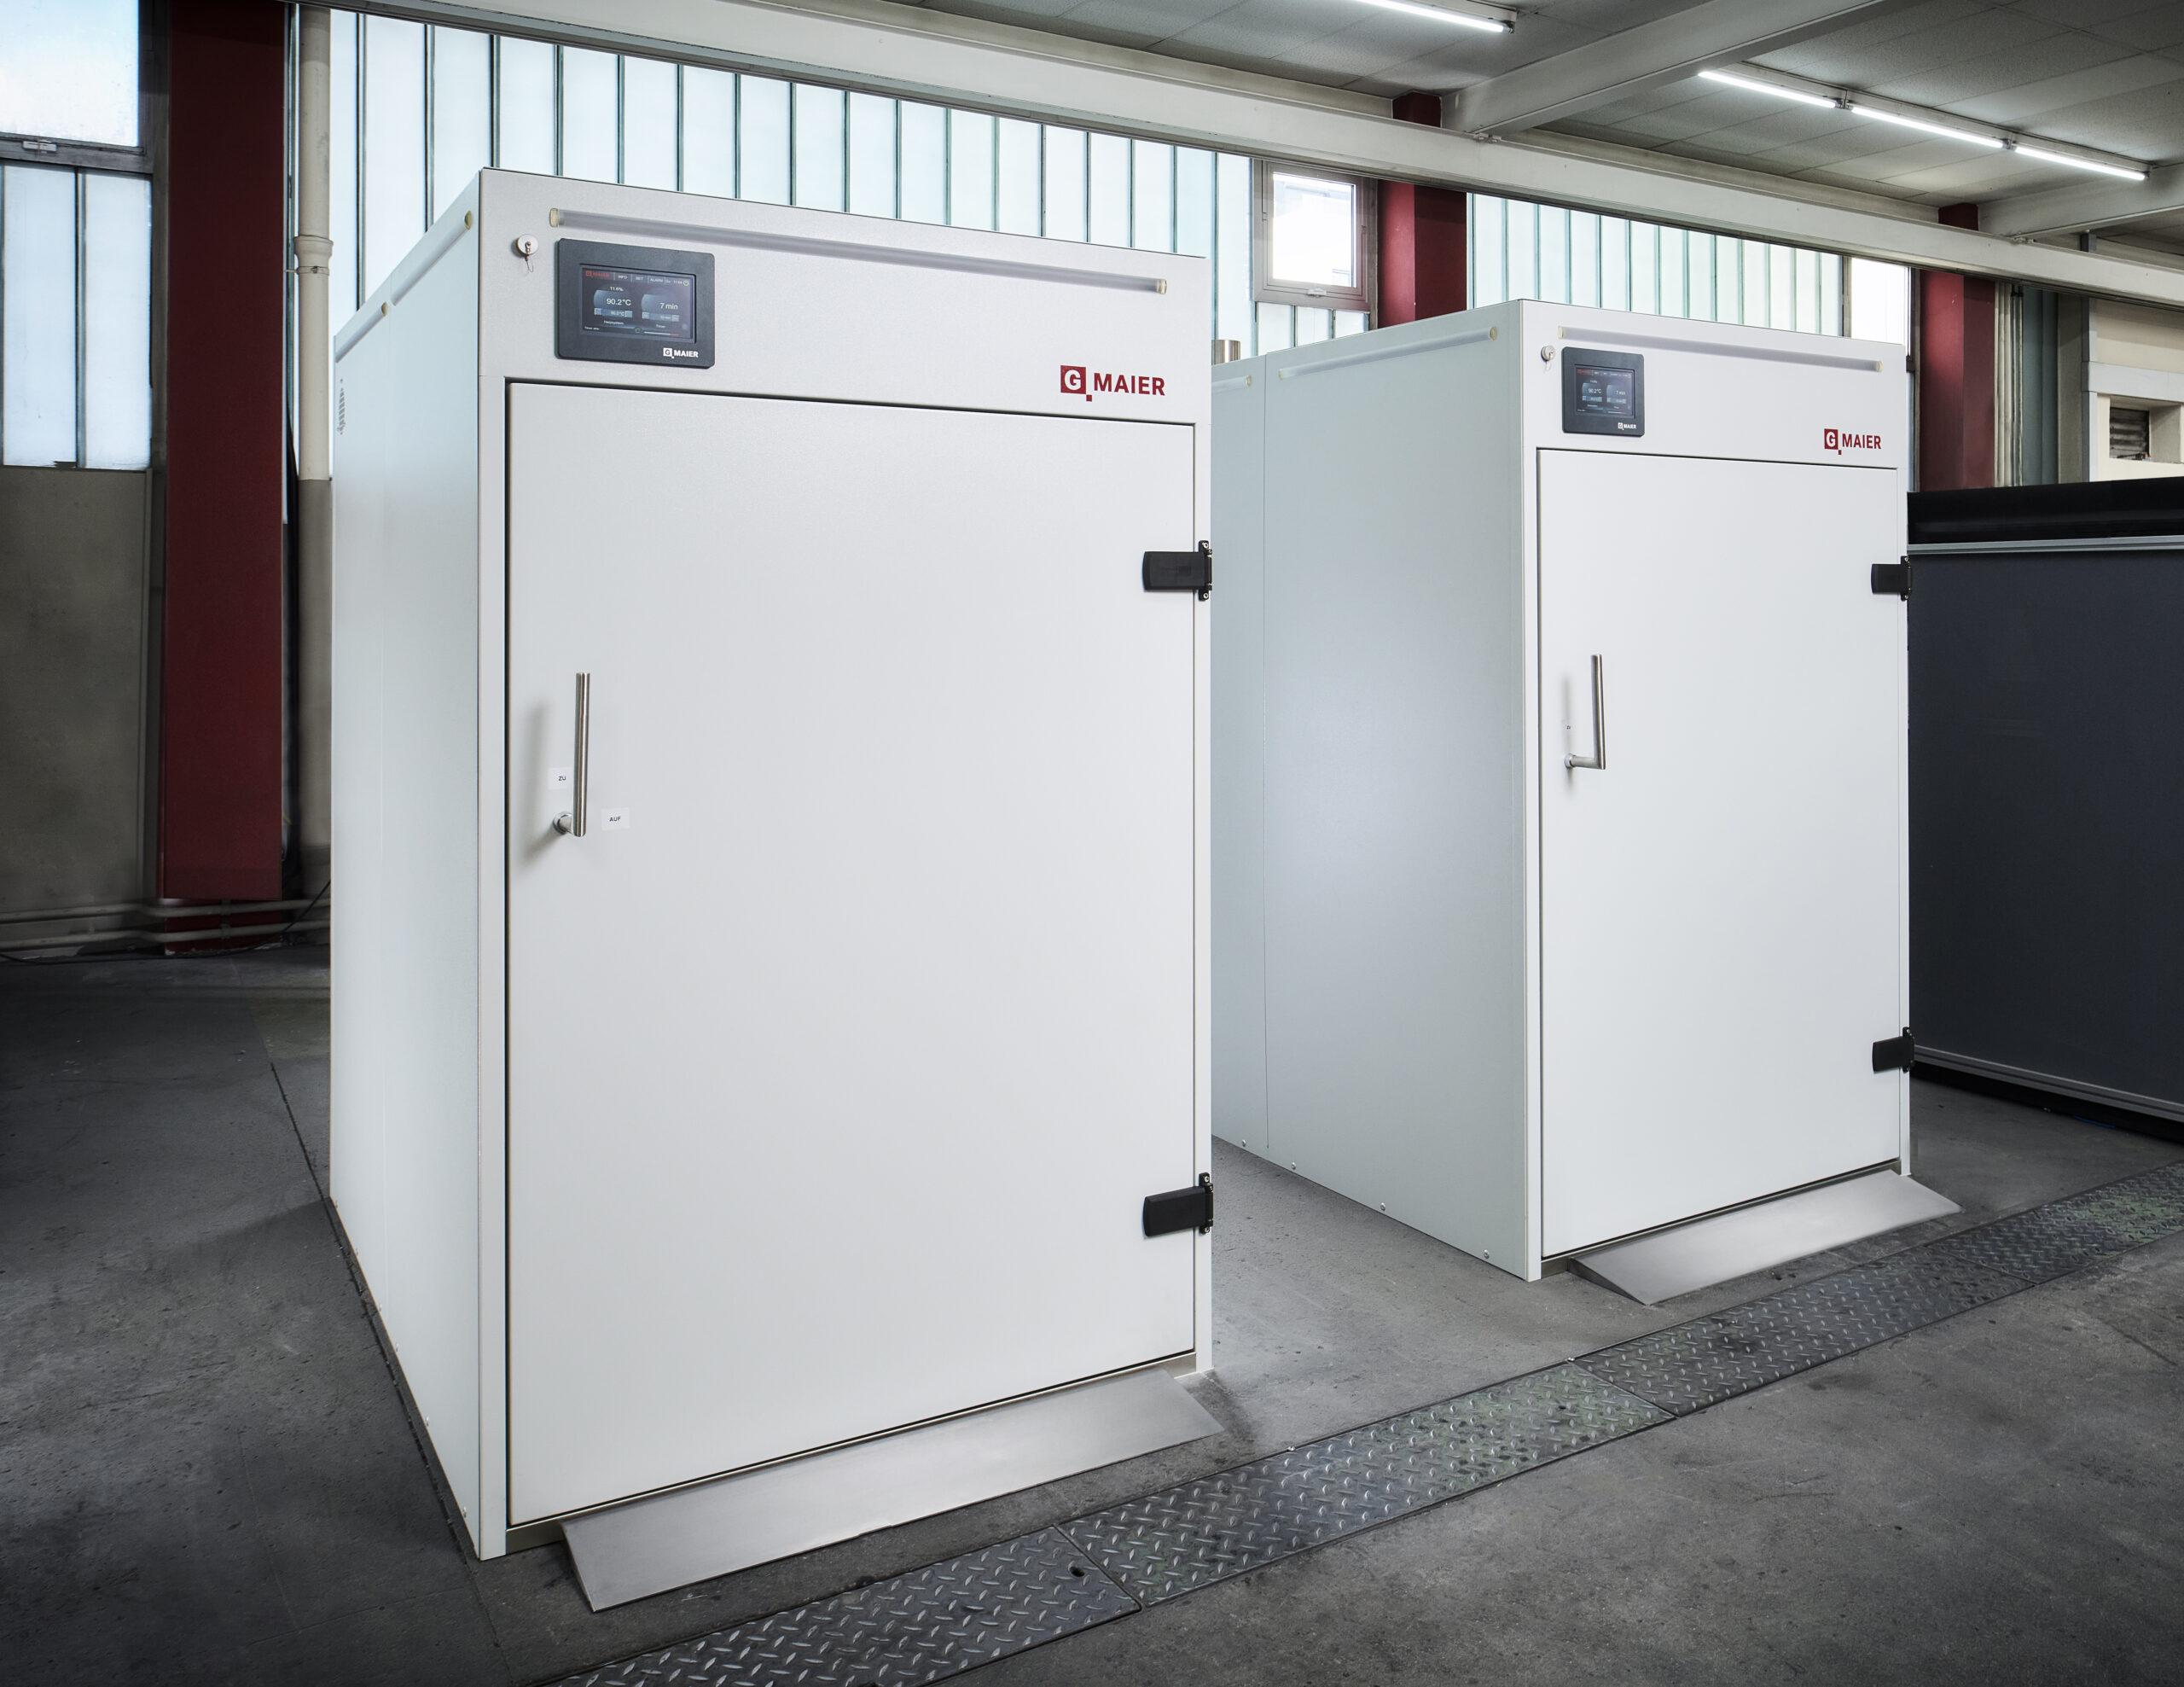 Wärmeschränke und Batchöfen von G MAIER